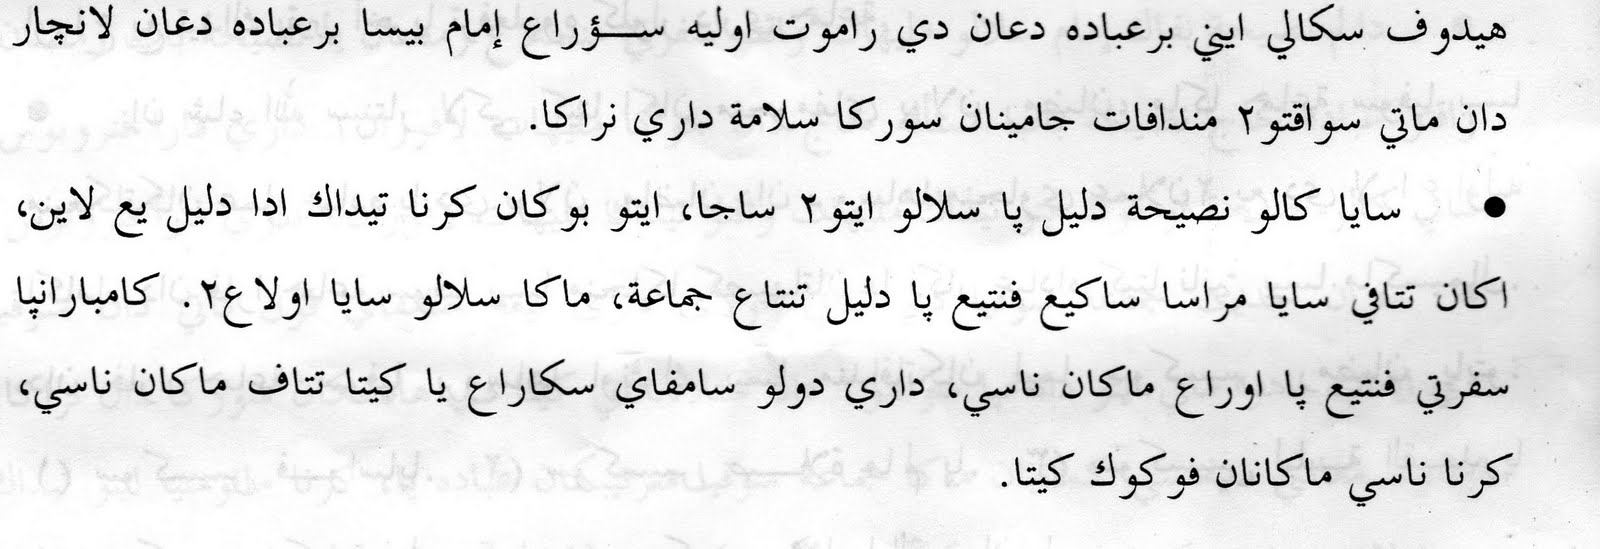 MENGIKUTI IMAM LDII ISLAM JAMAAH WAJIB MASUK SURGA